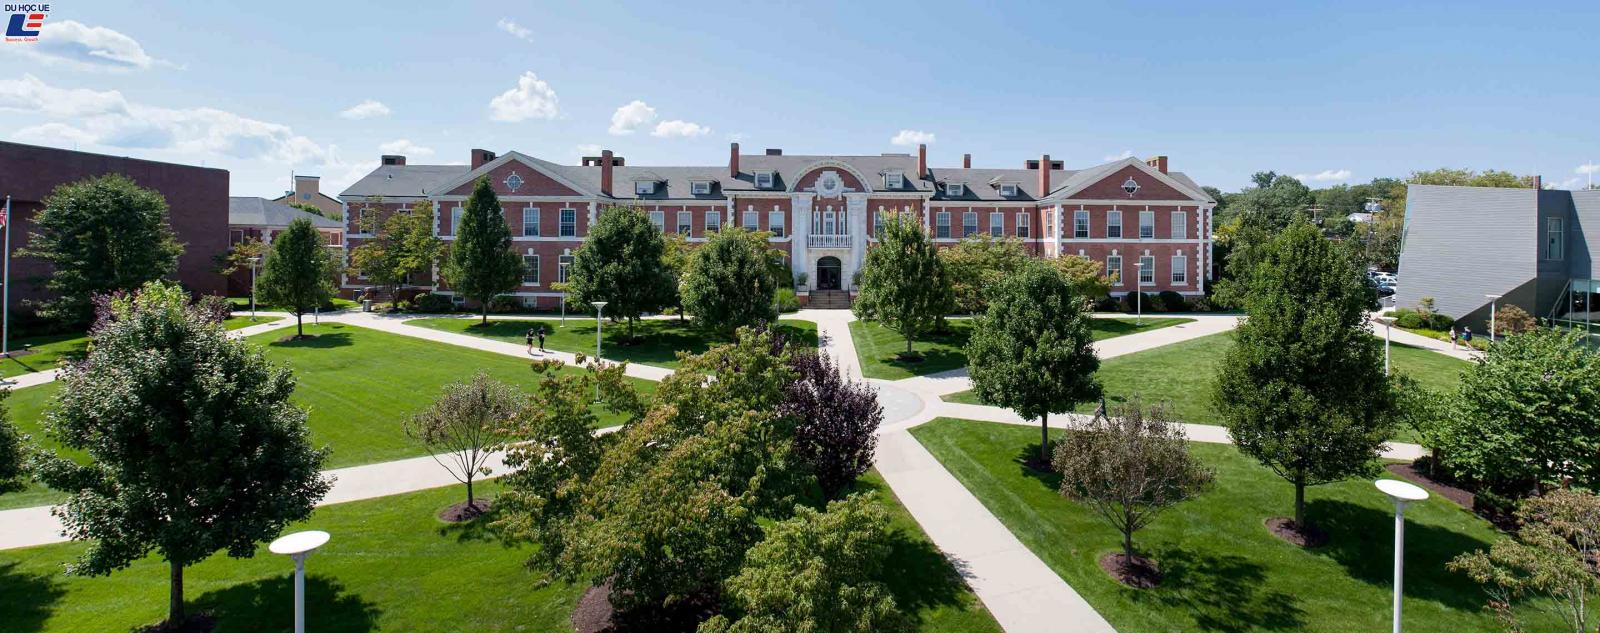 Triển lãm giáo dục Mỹ_Học bổng du học các nước, mùa thu 2019 -University Of New Haven